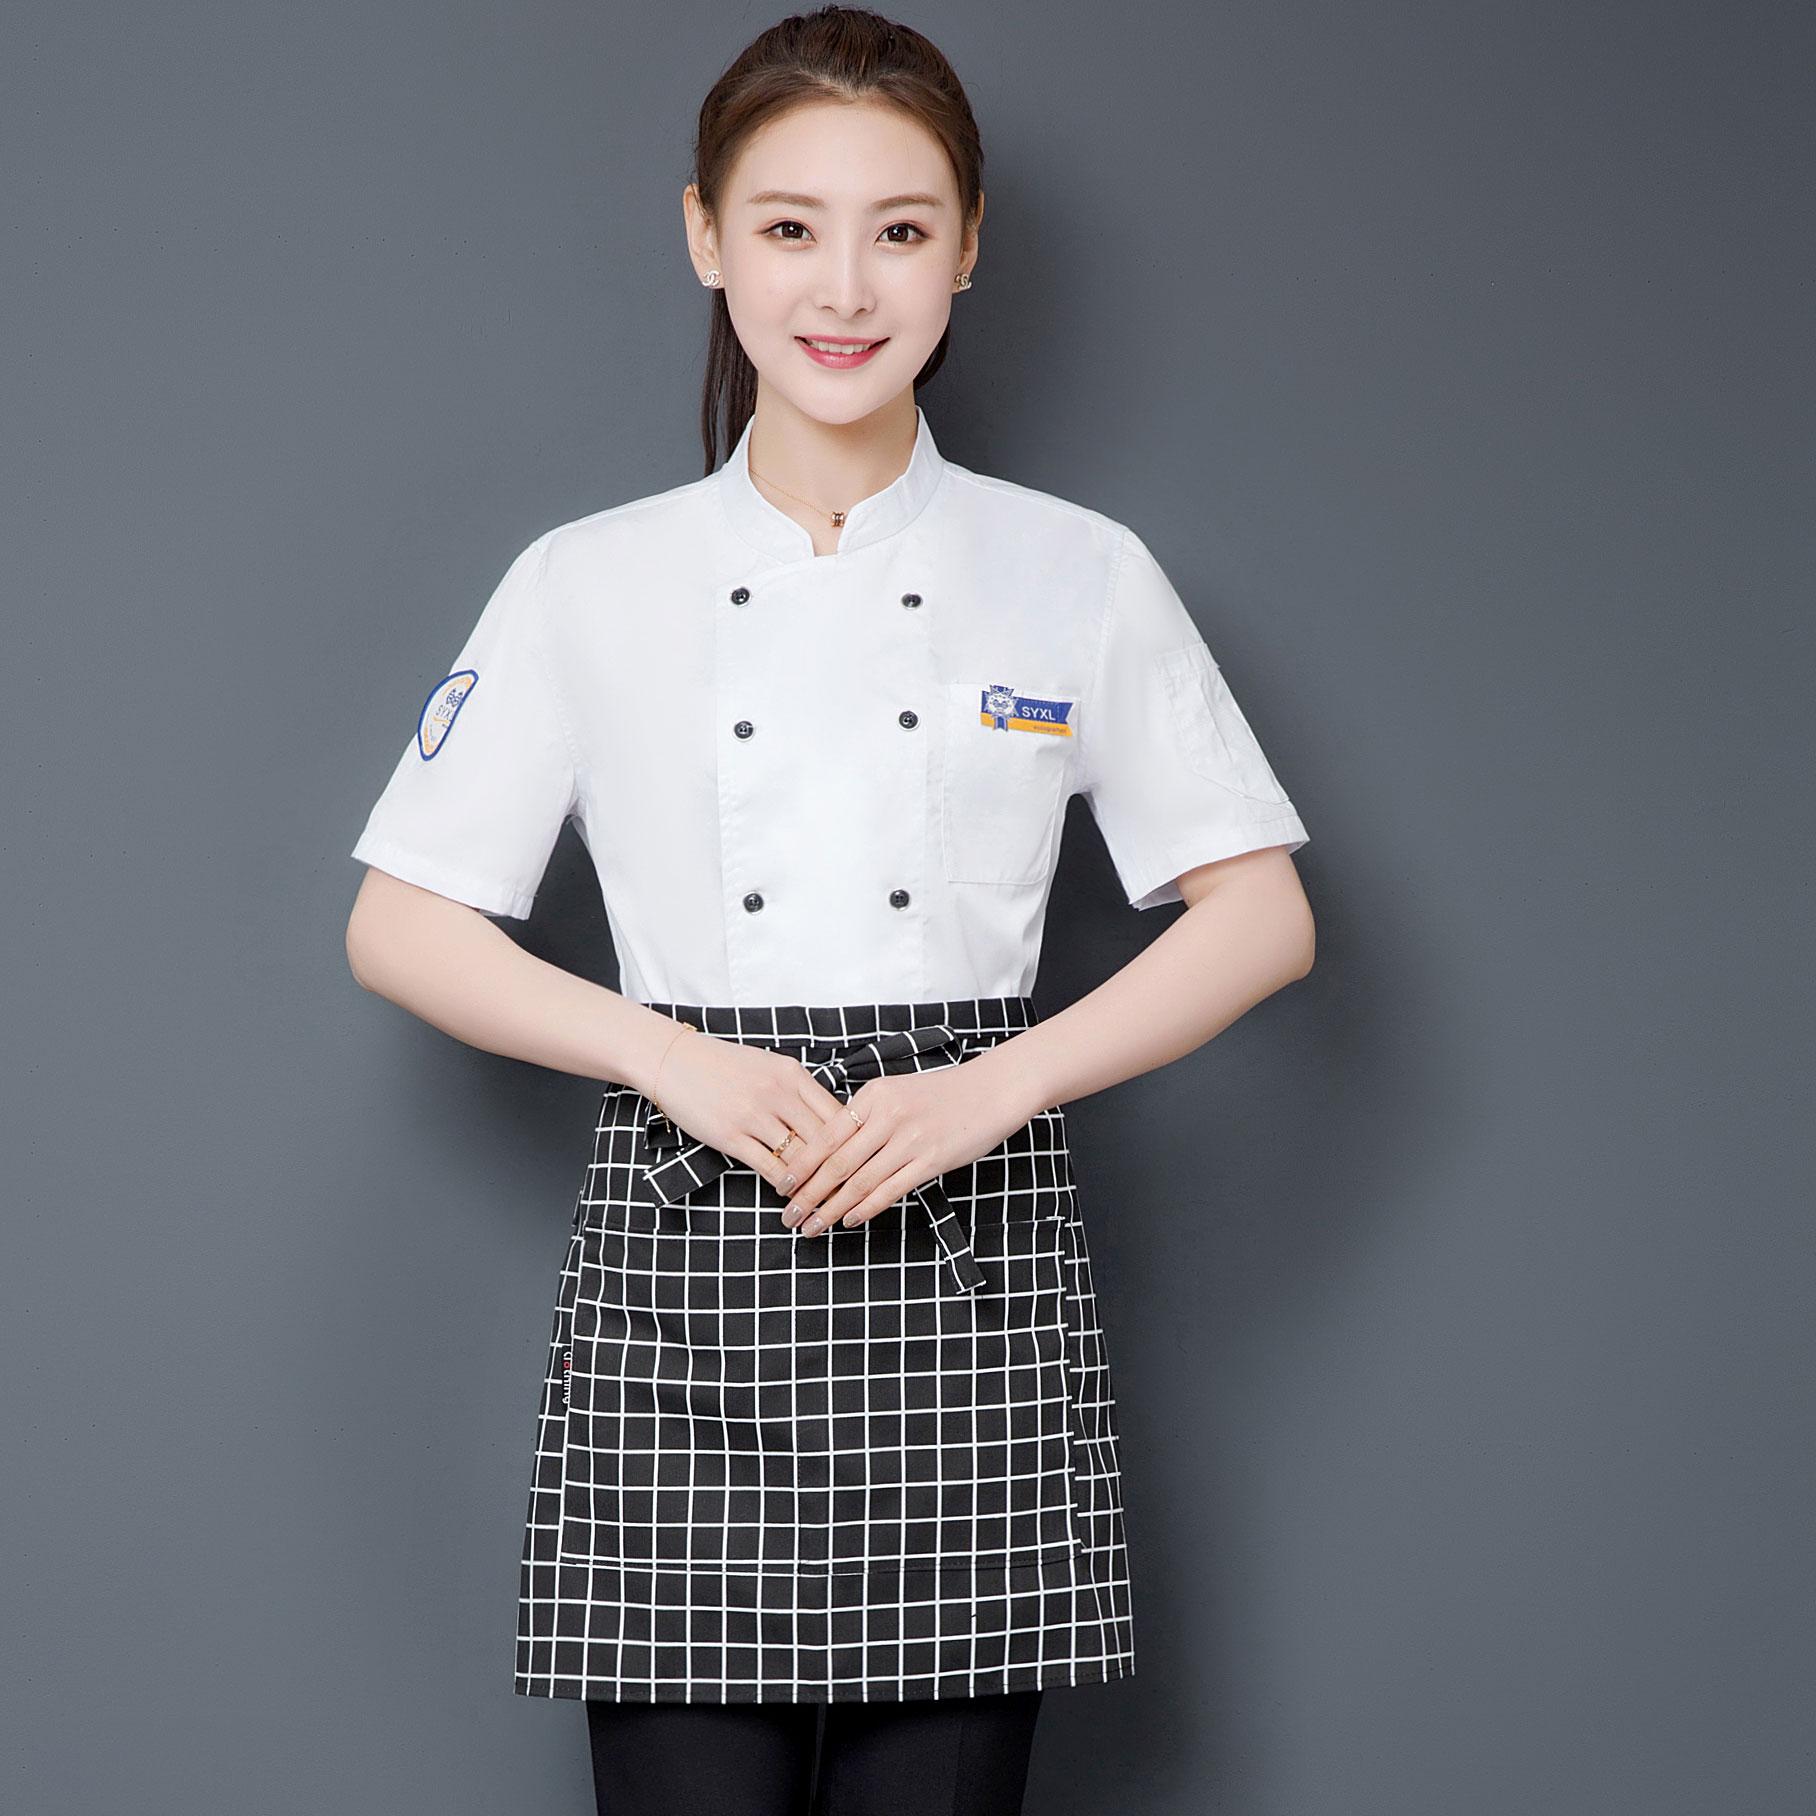 厨师工作服女短袖夏季透气薄款厨房烘焙师面包房裱花西点师蛋糕店